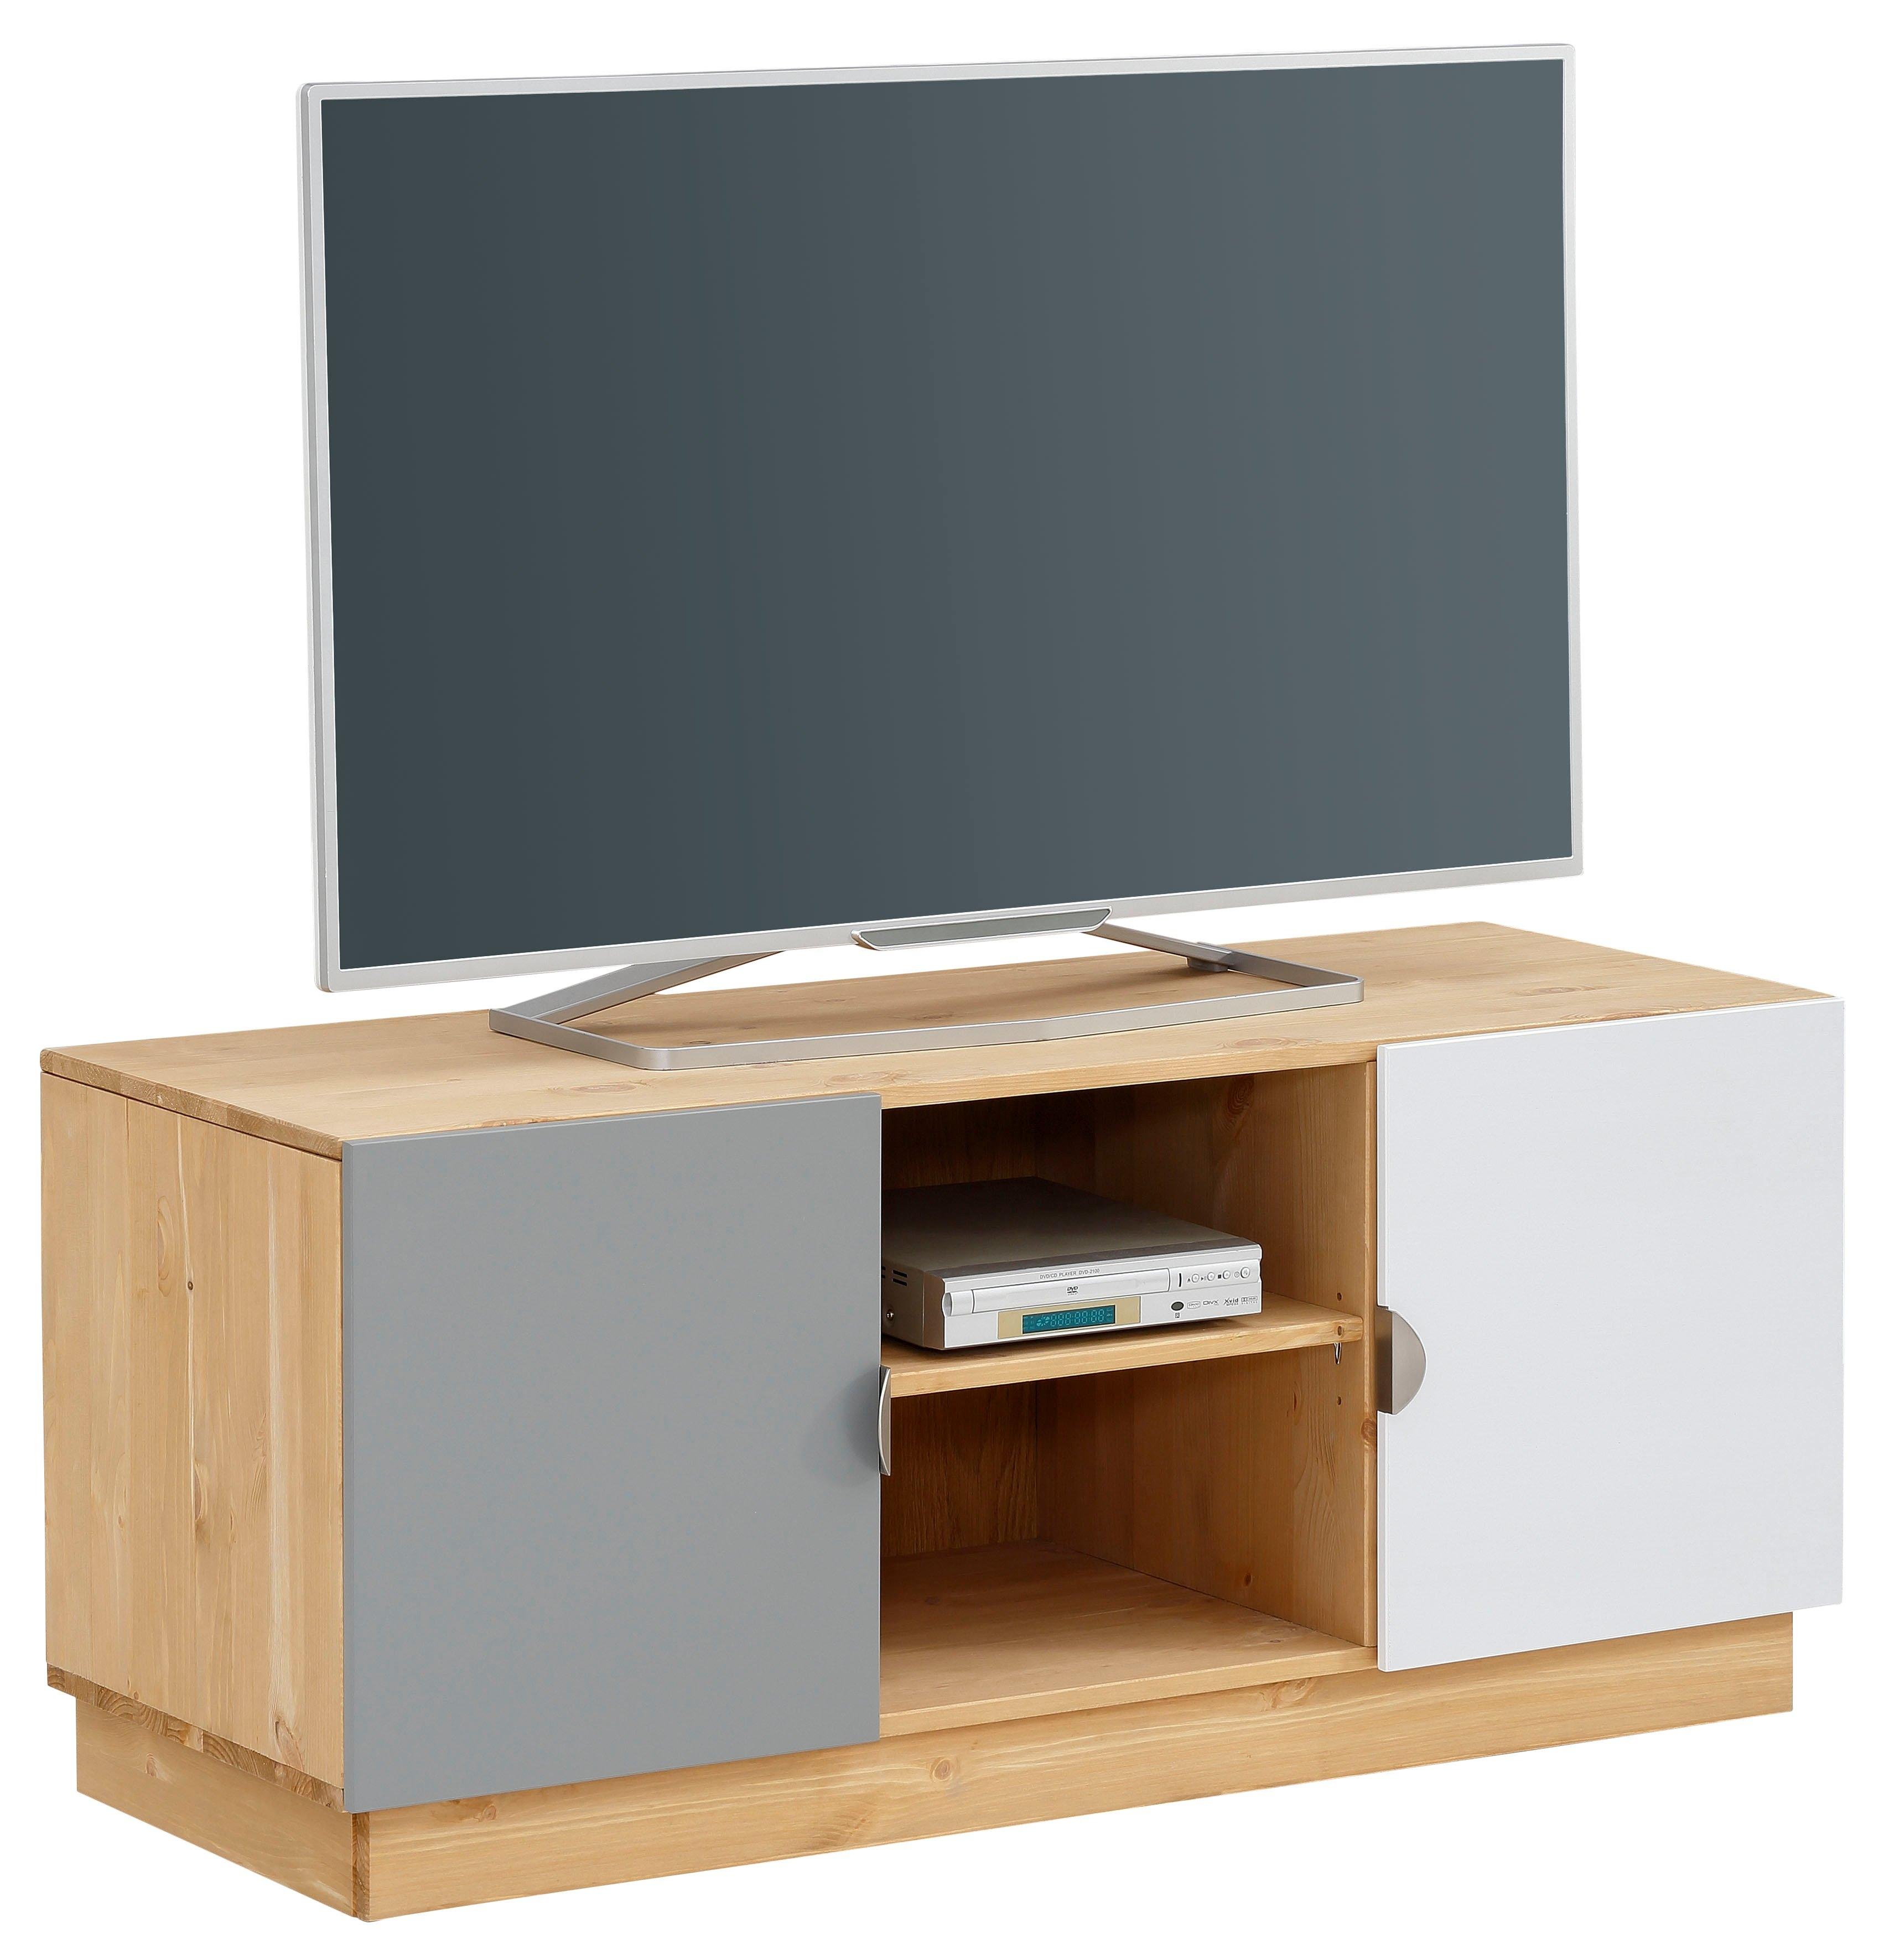 Op zoek naar een my home tv-meubel Undine 2 deuren, 106cm breed? Koop online bij OTTO